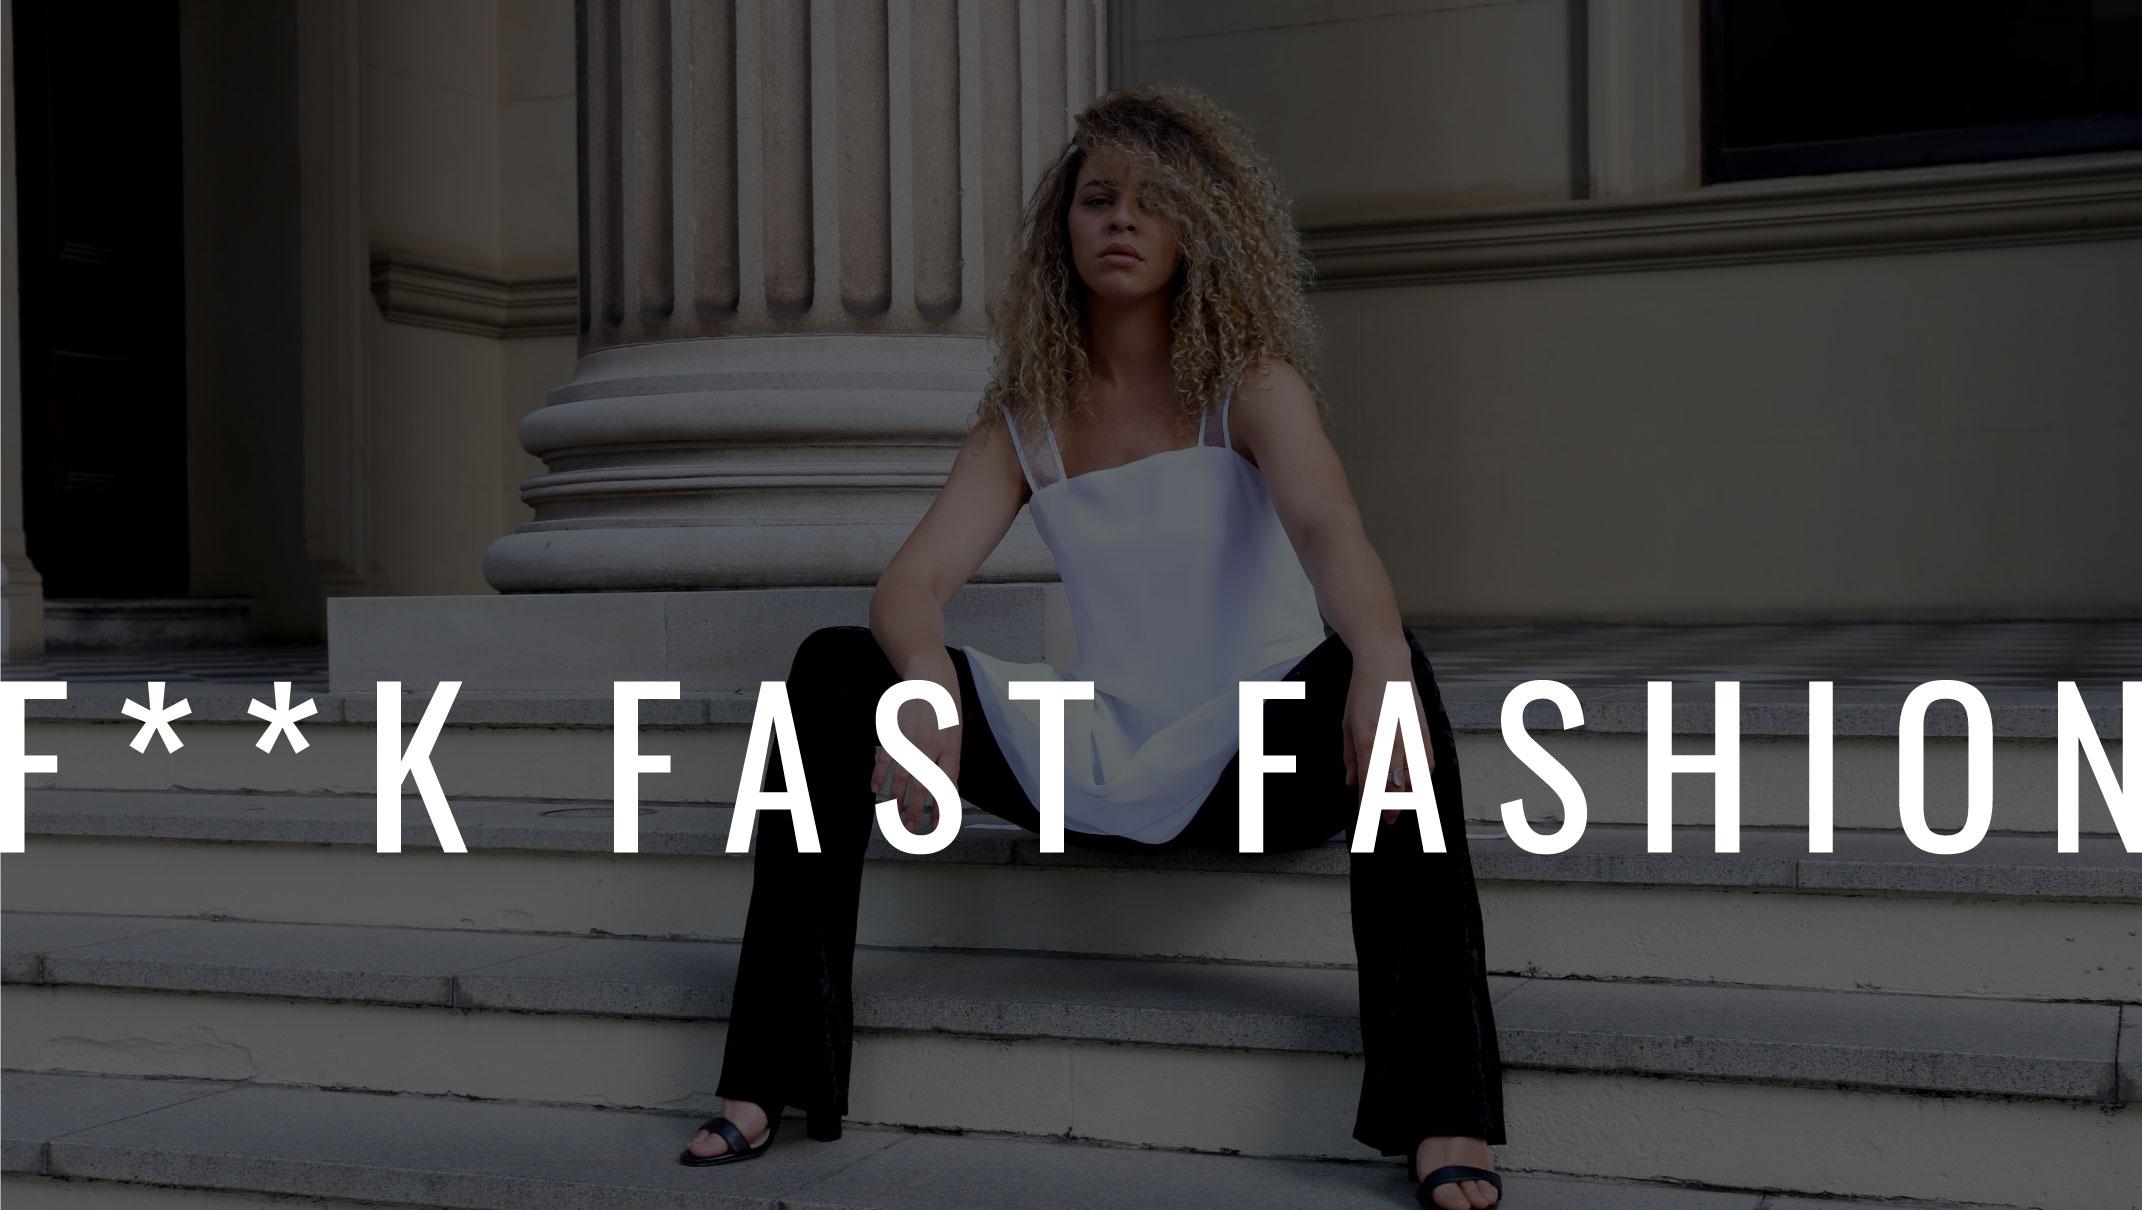 FCK-Fast-Fashion.jpg